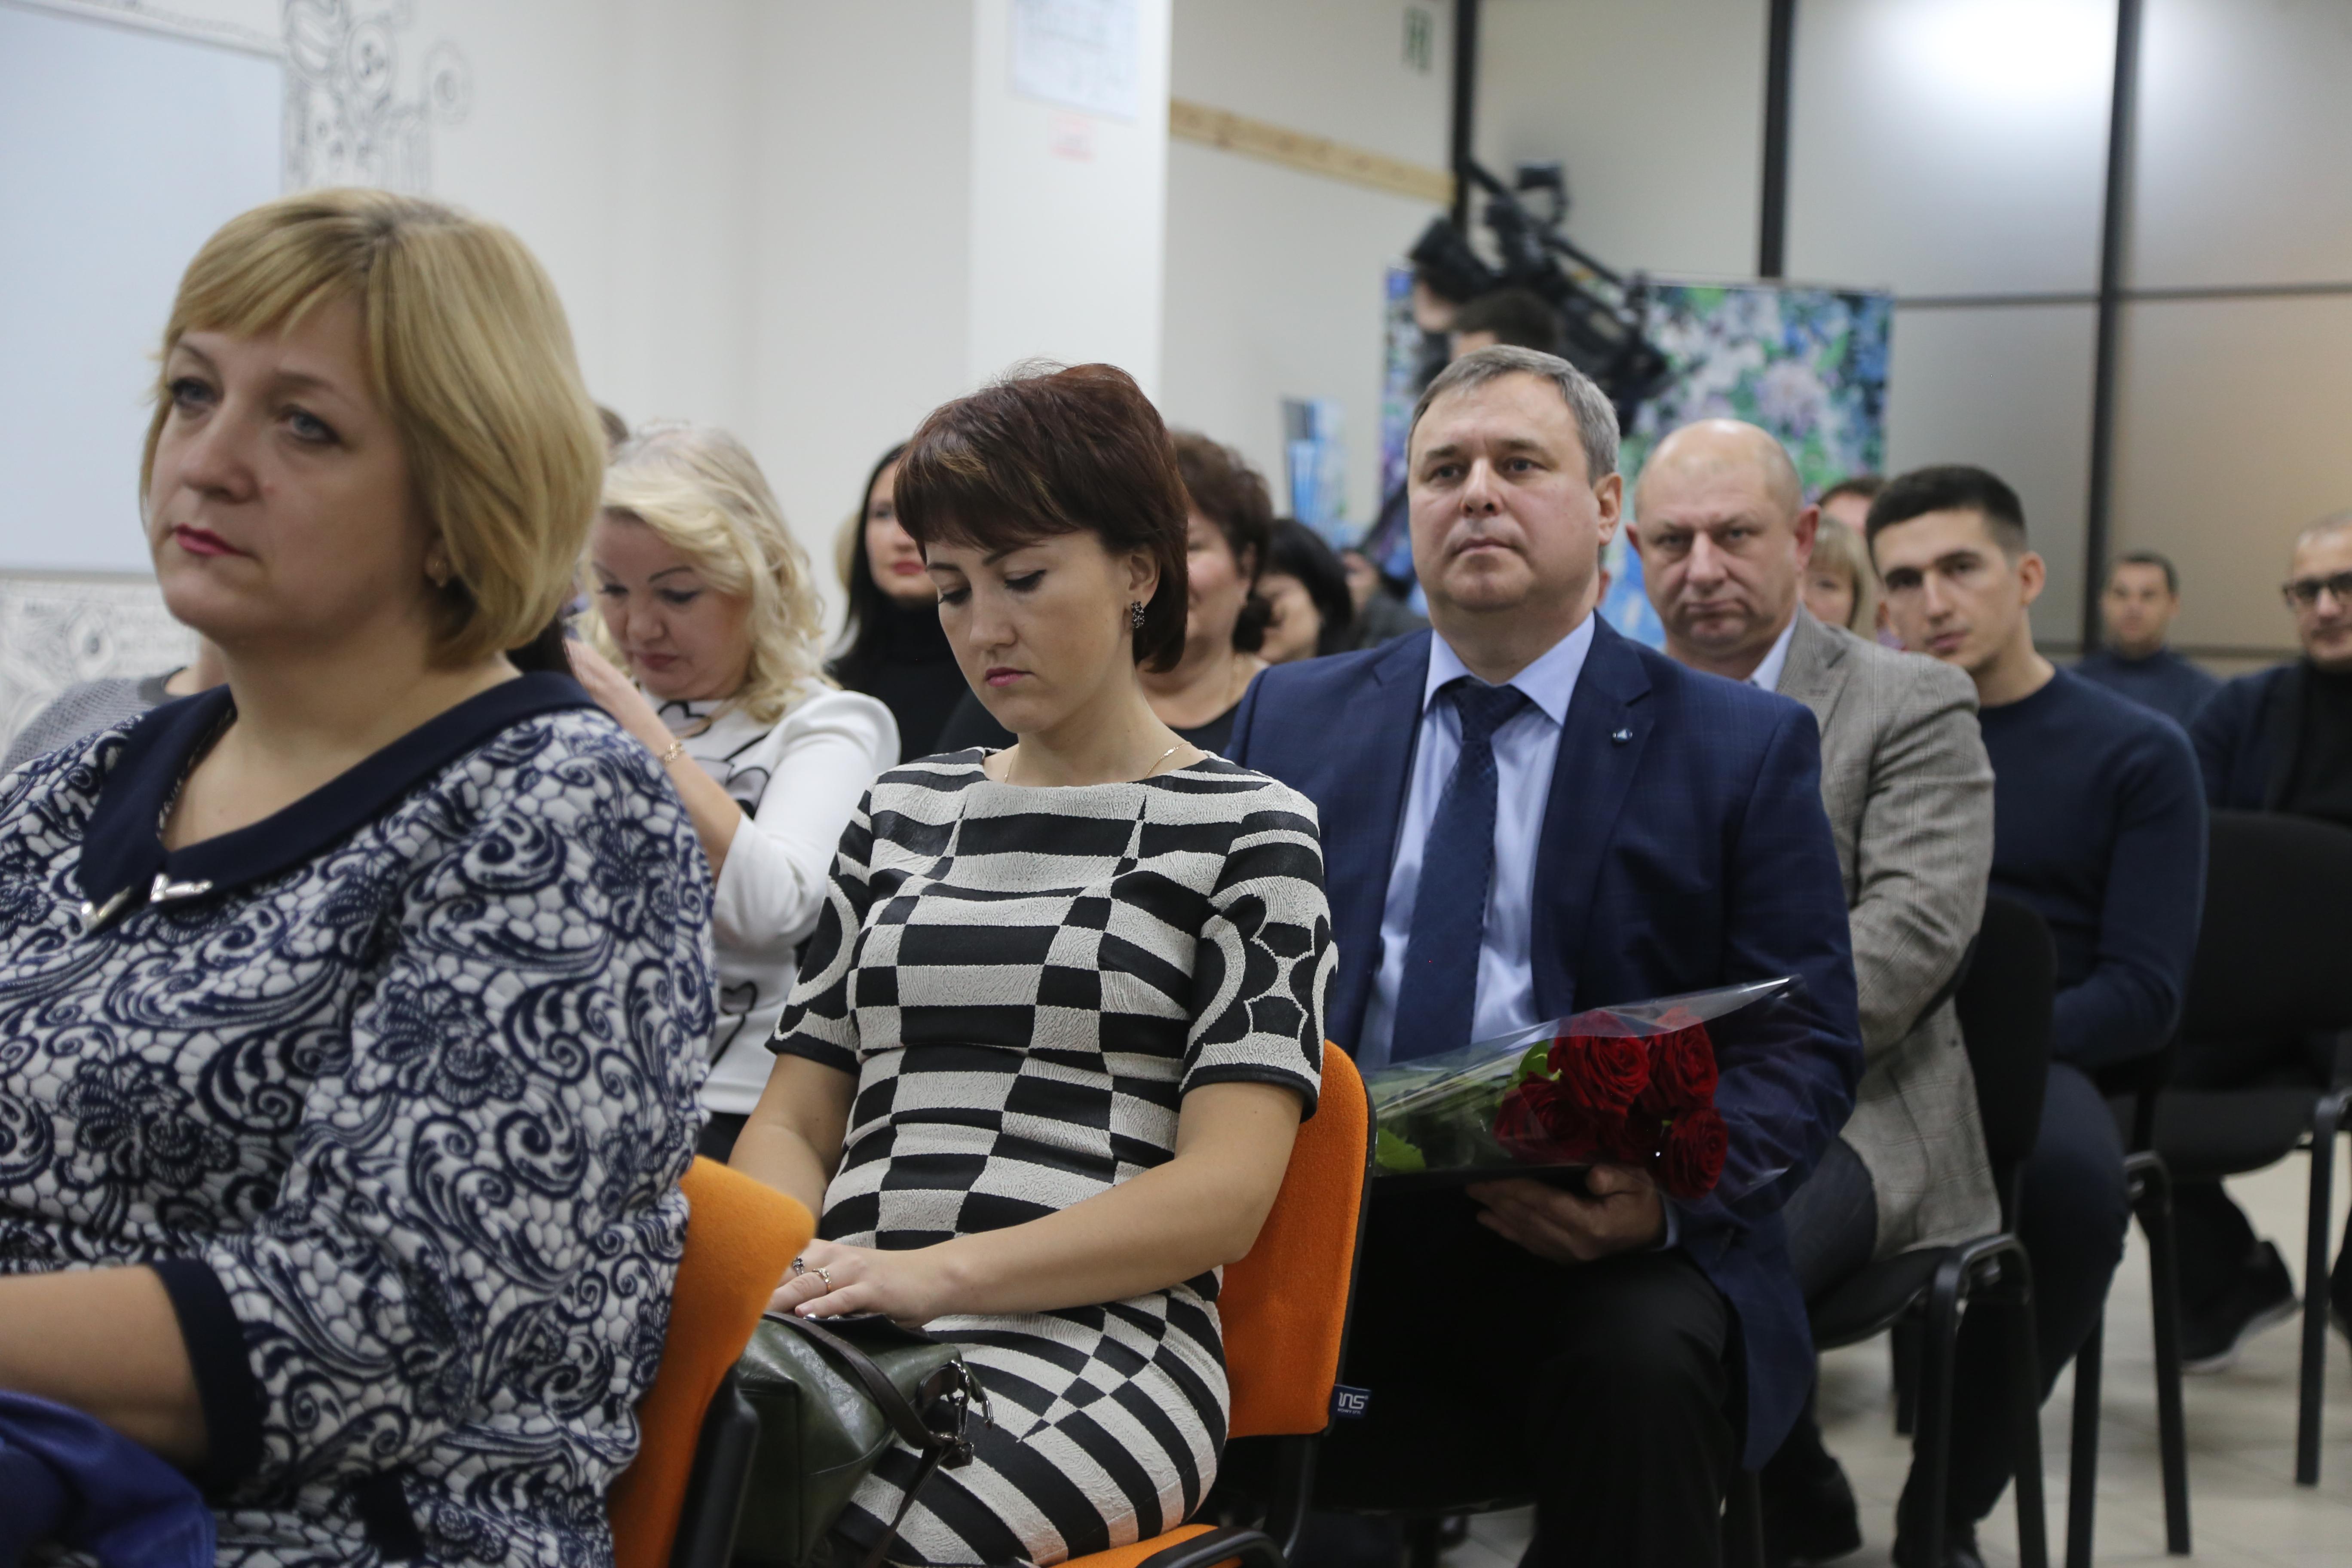 «Честное имя и качественный продукт». Какие белгородские товары признали самыми качественными?